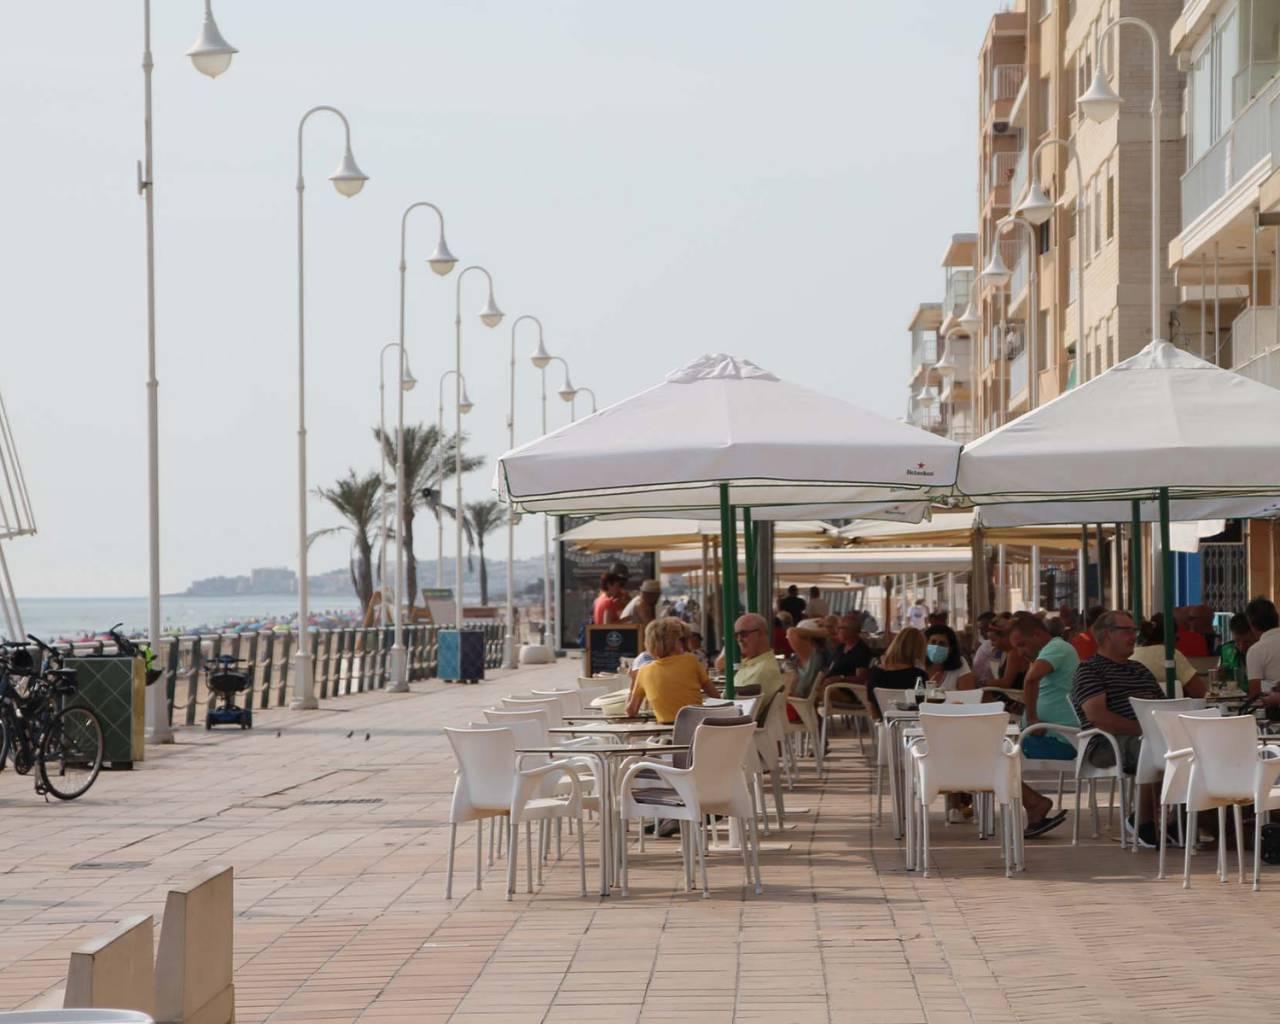 nieuwbouw-appartement-guardamar-del-segura_3846_xl